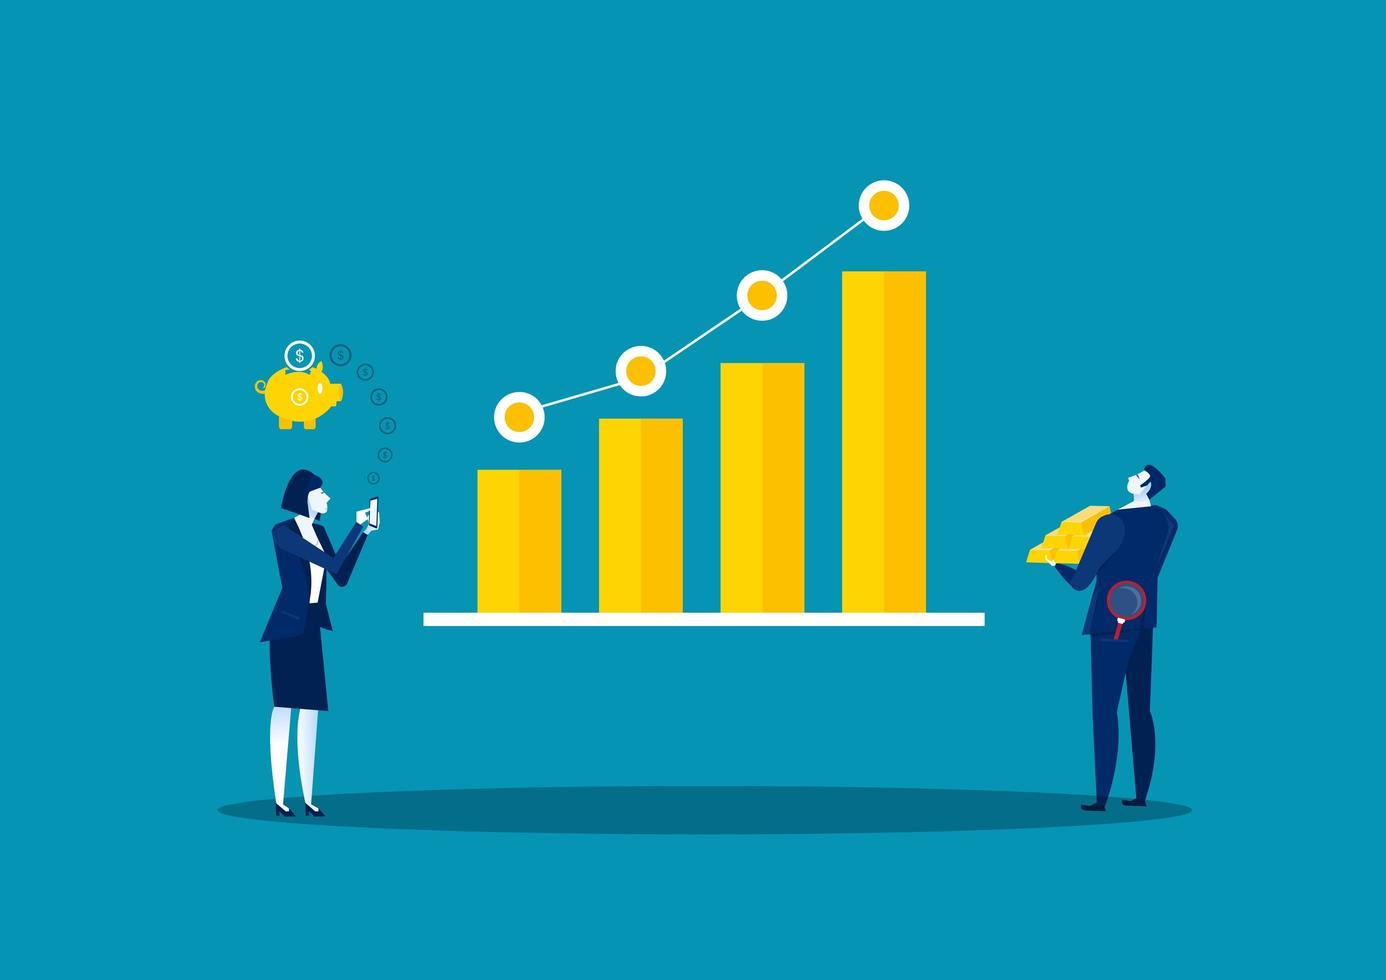 finansiella investeringar i aktiemarknadskoncept vektor